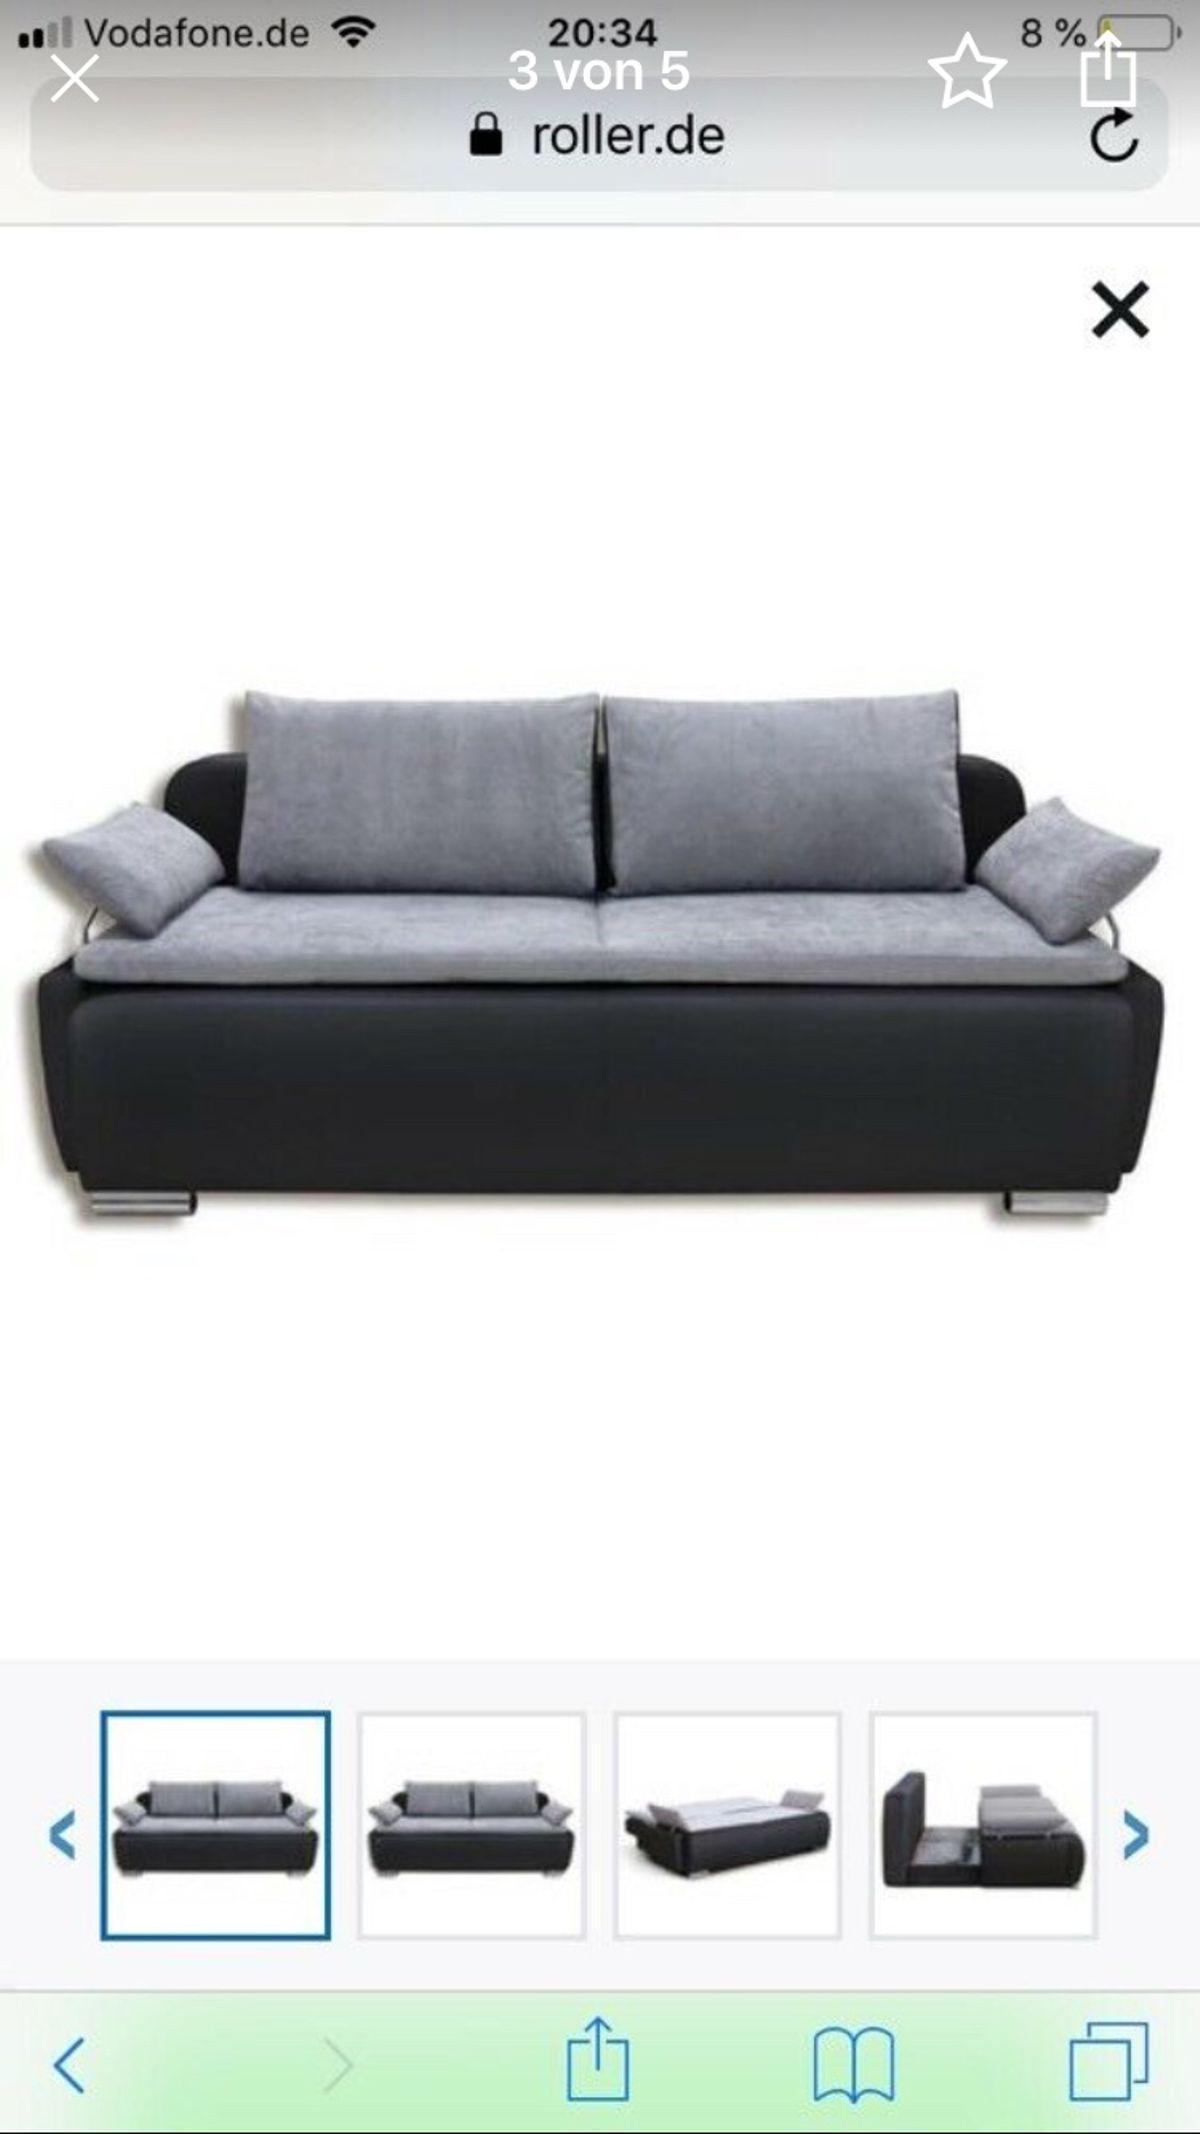 Dauerschläfer Sofa Roller